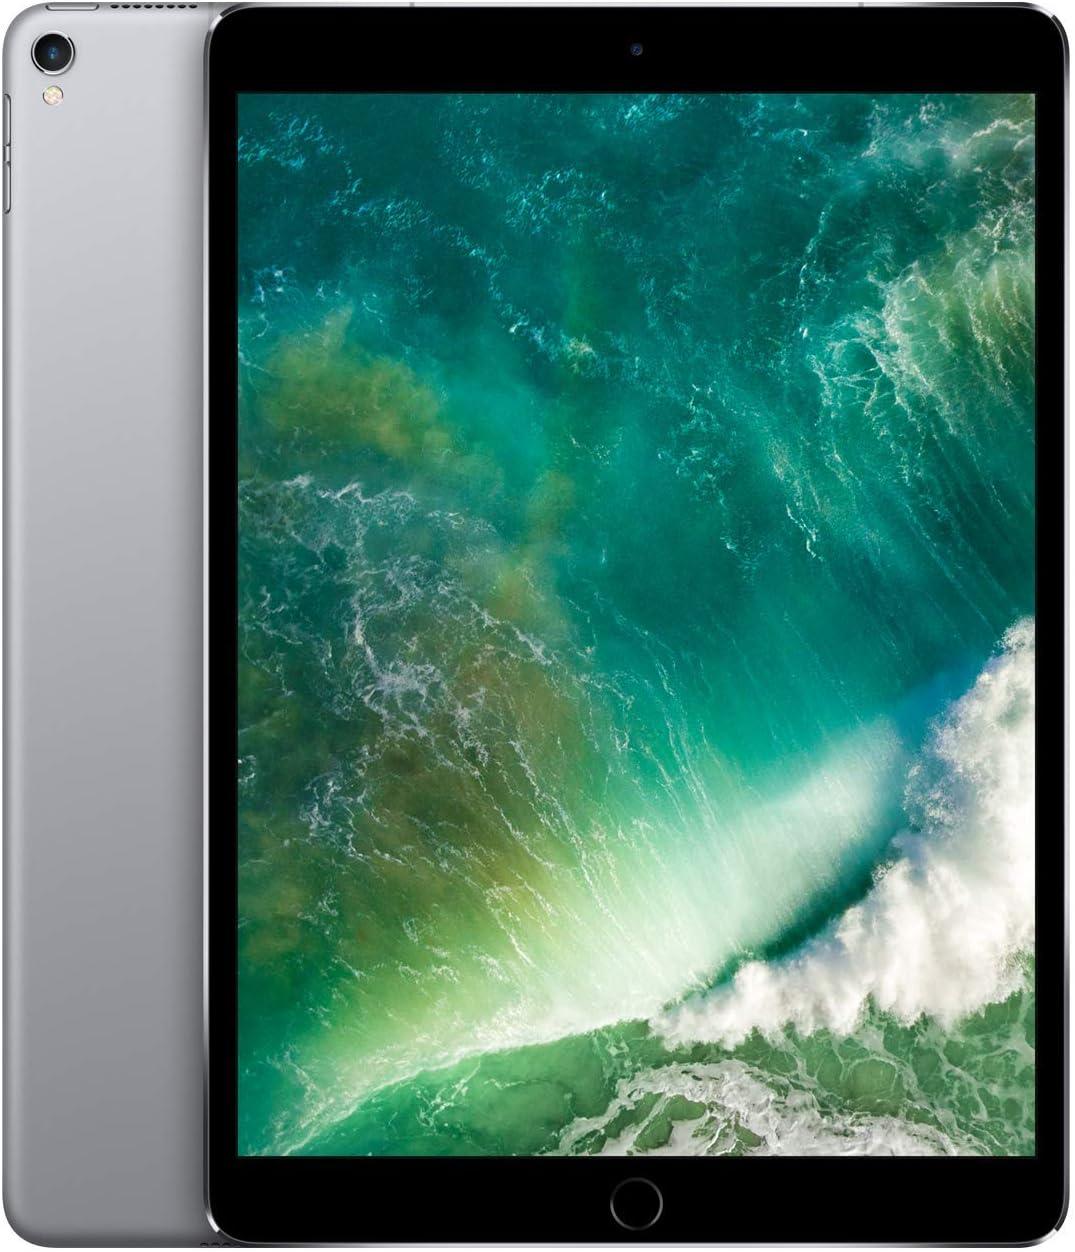 Apple iPad Pro (12,9pulgadas y 256GB con Wi-Fi + Cellular) - Gris espacial